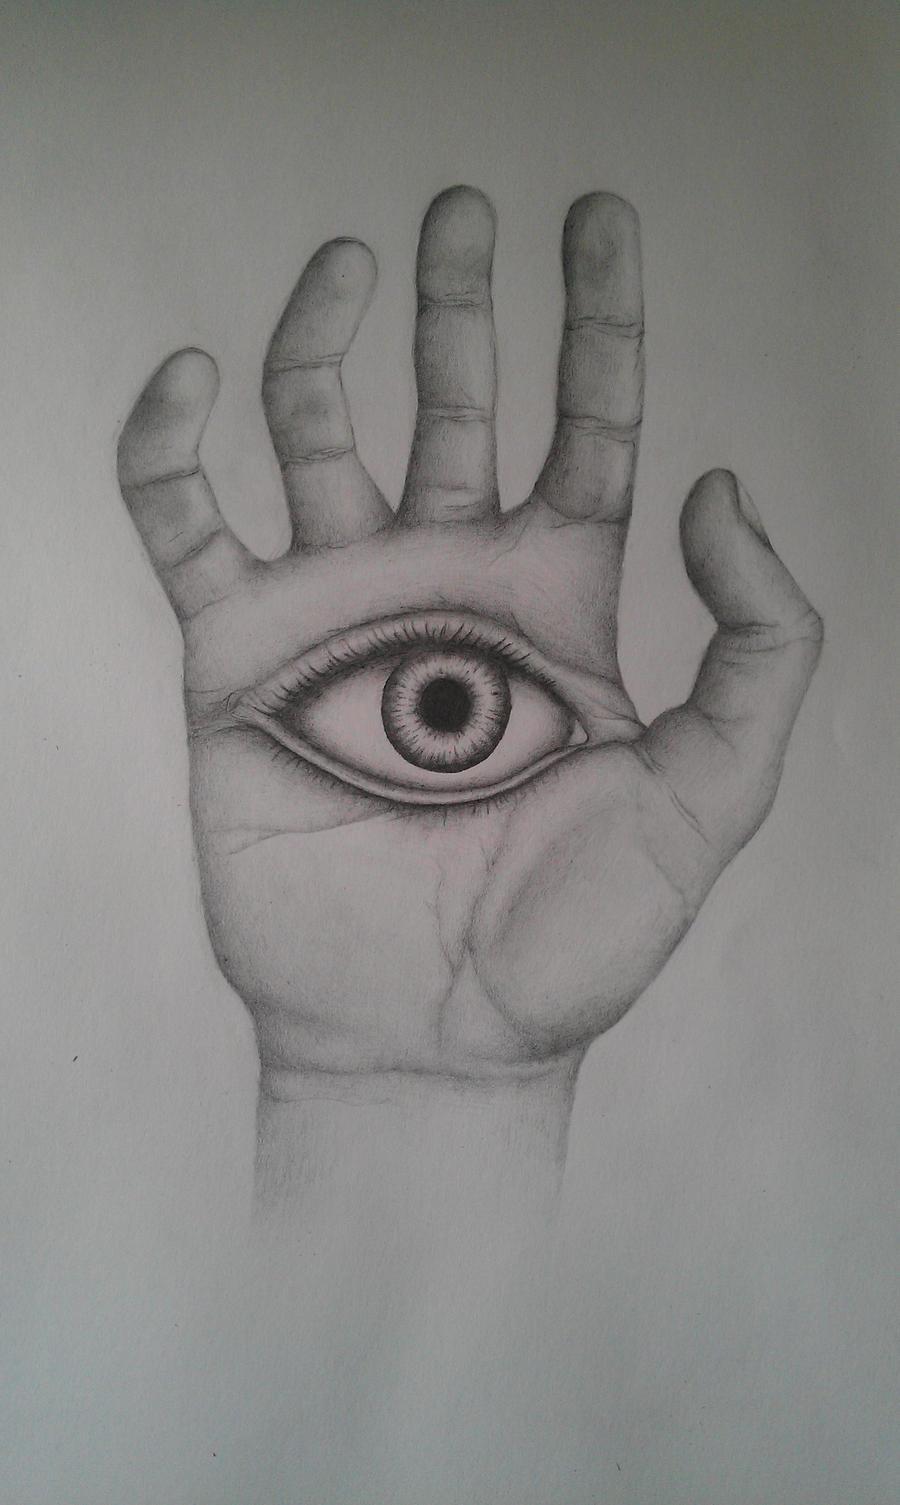 http://fc03.deviantart.net/fs70/i/2012/048/3/9/hand_eye_coordination_by_cheokee-d4q17ft.jpg